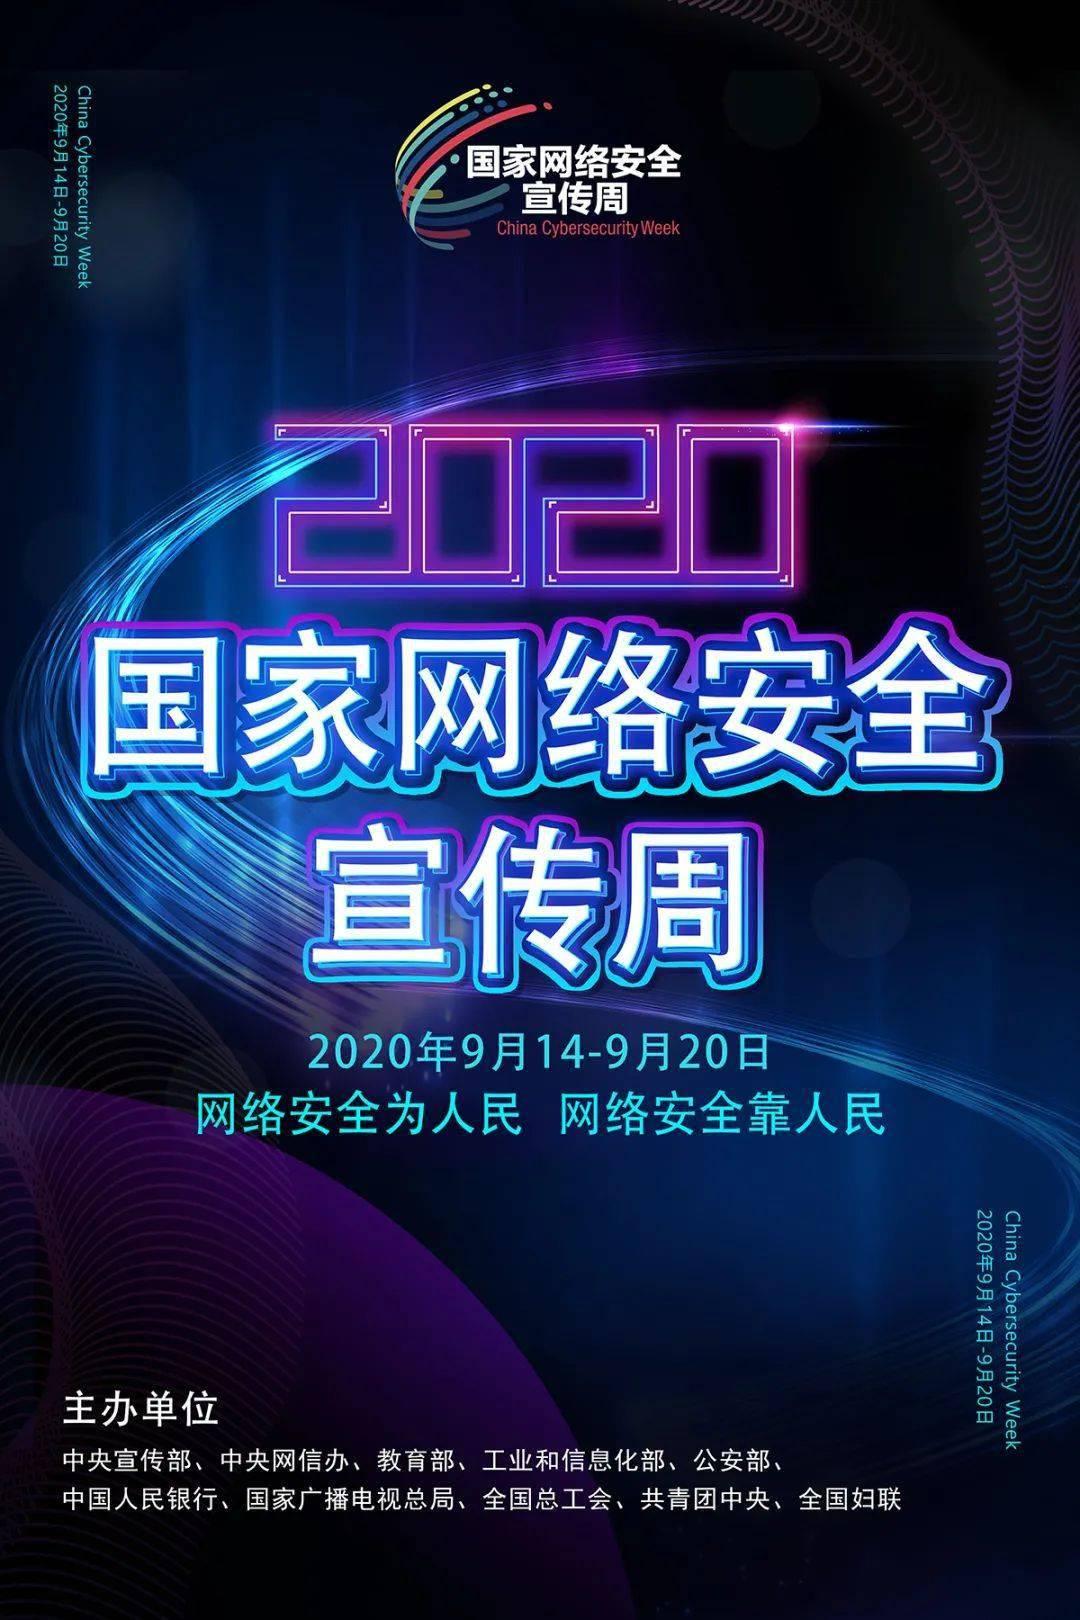 【网络公益】2020年国家网络宁静宣传周